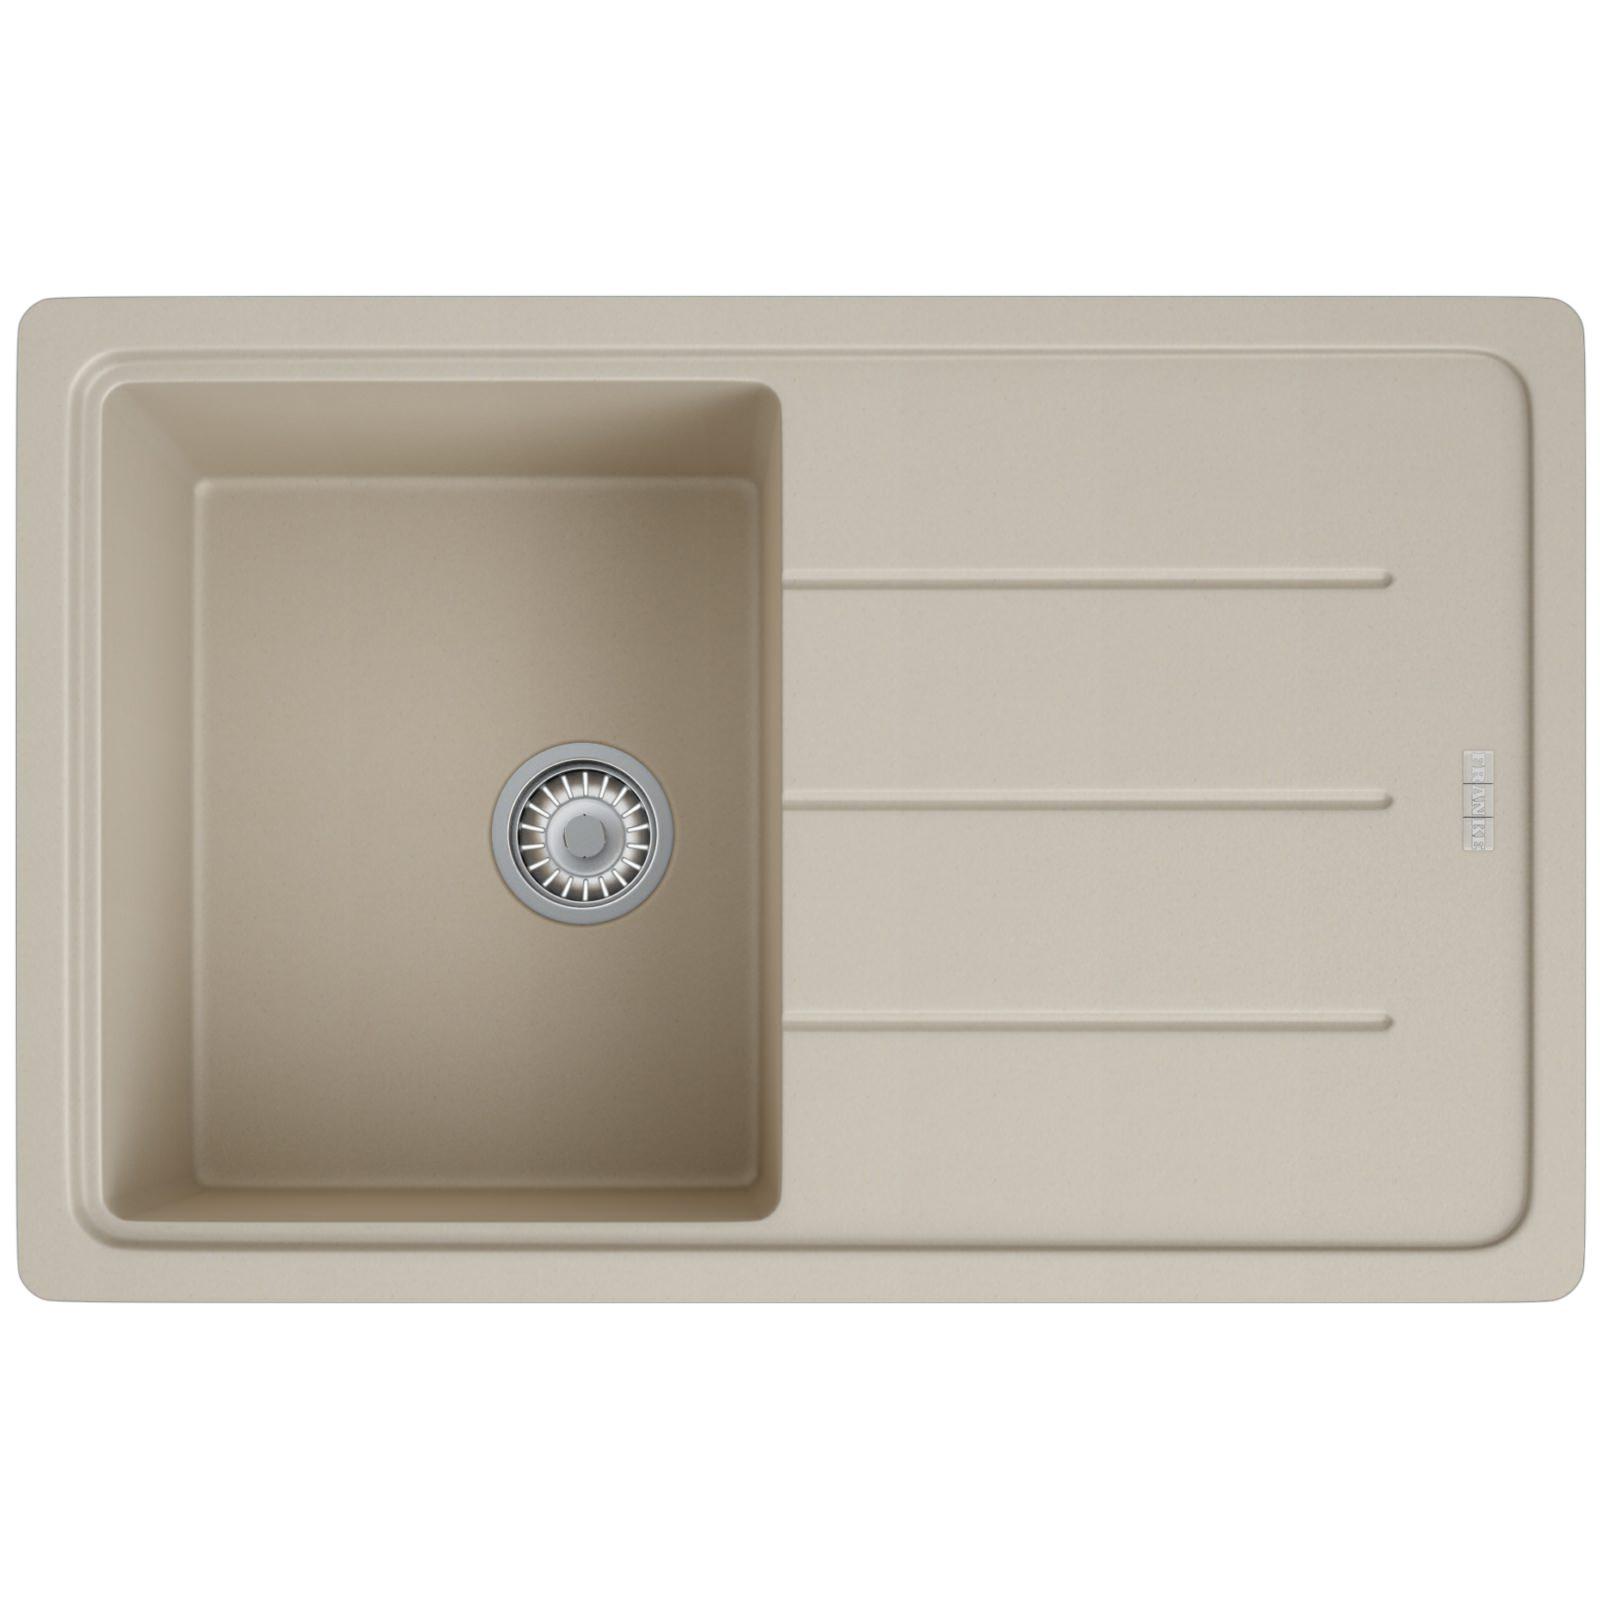 Franke Inset Sink : Franke Basis BFG 611-780 Fragranite Coffee 1.0 Bowl Kitchen Inset Sink ...